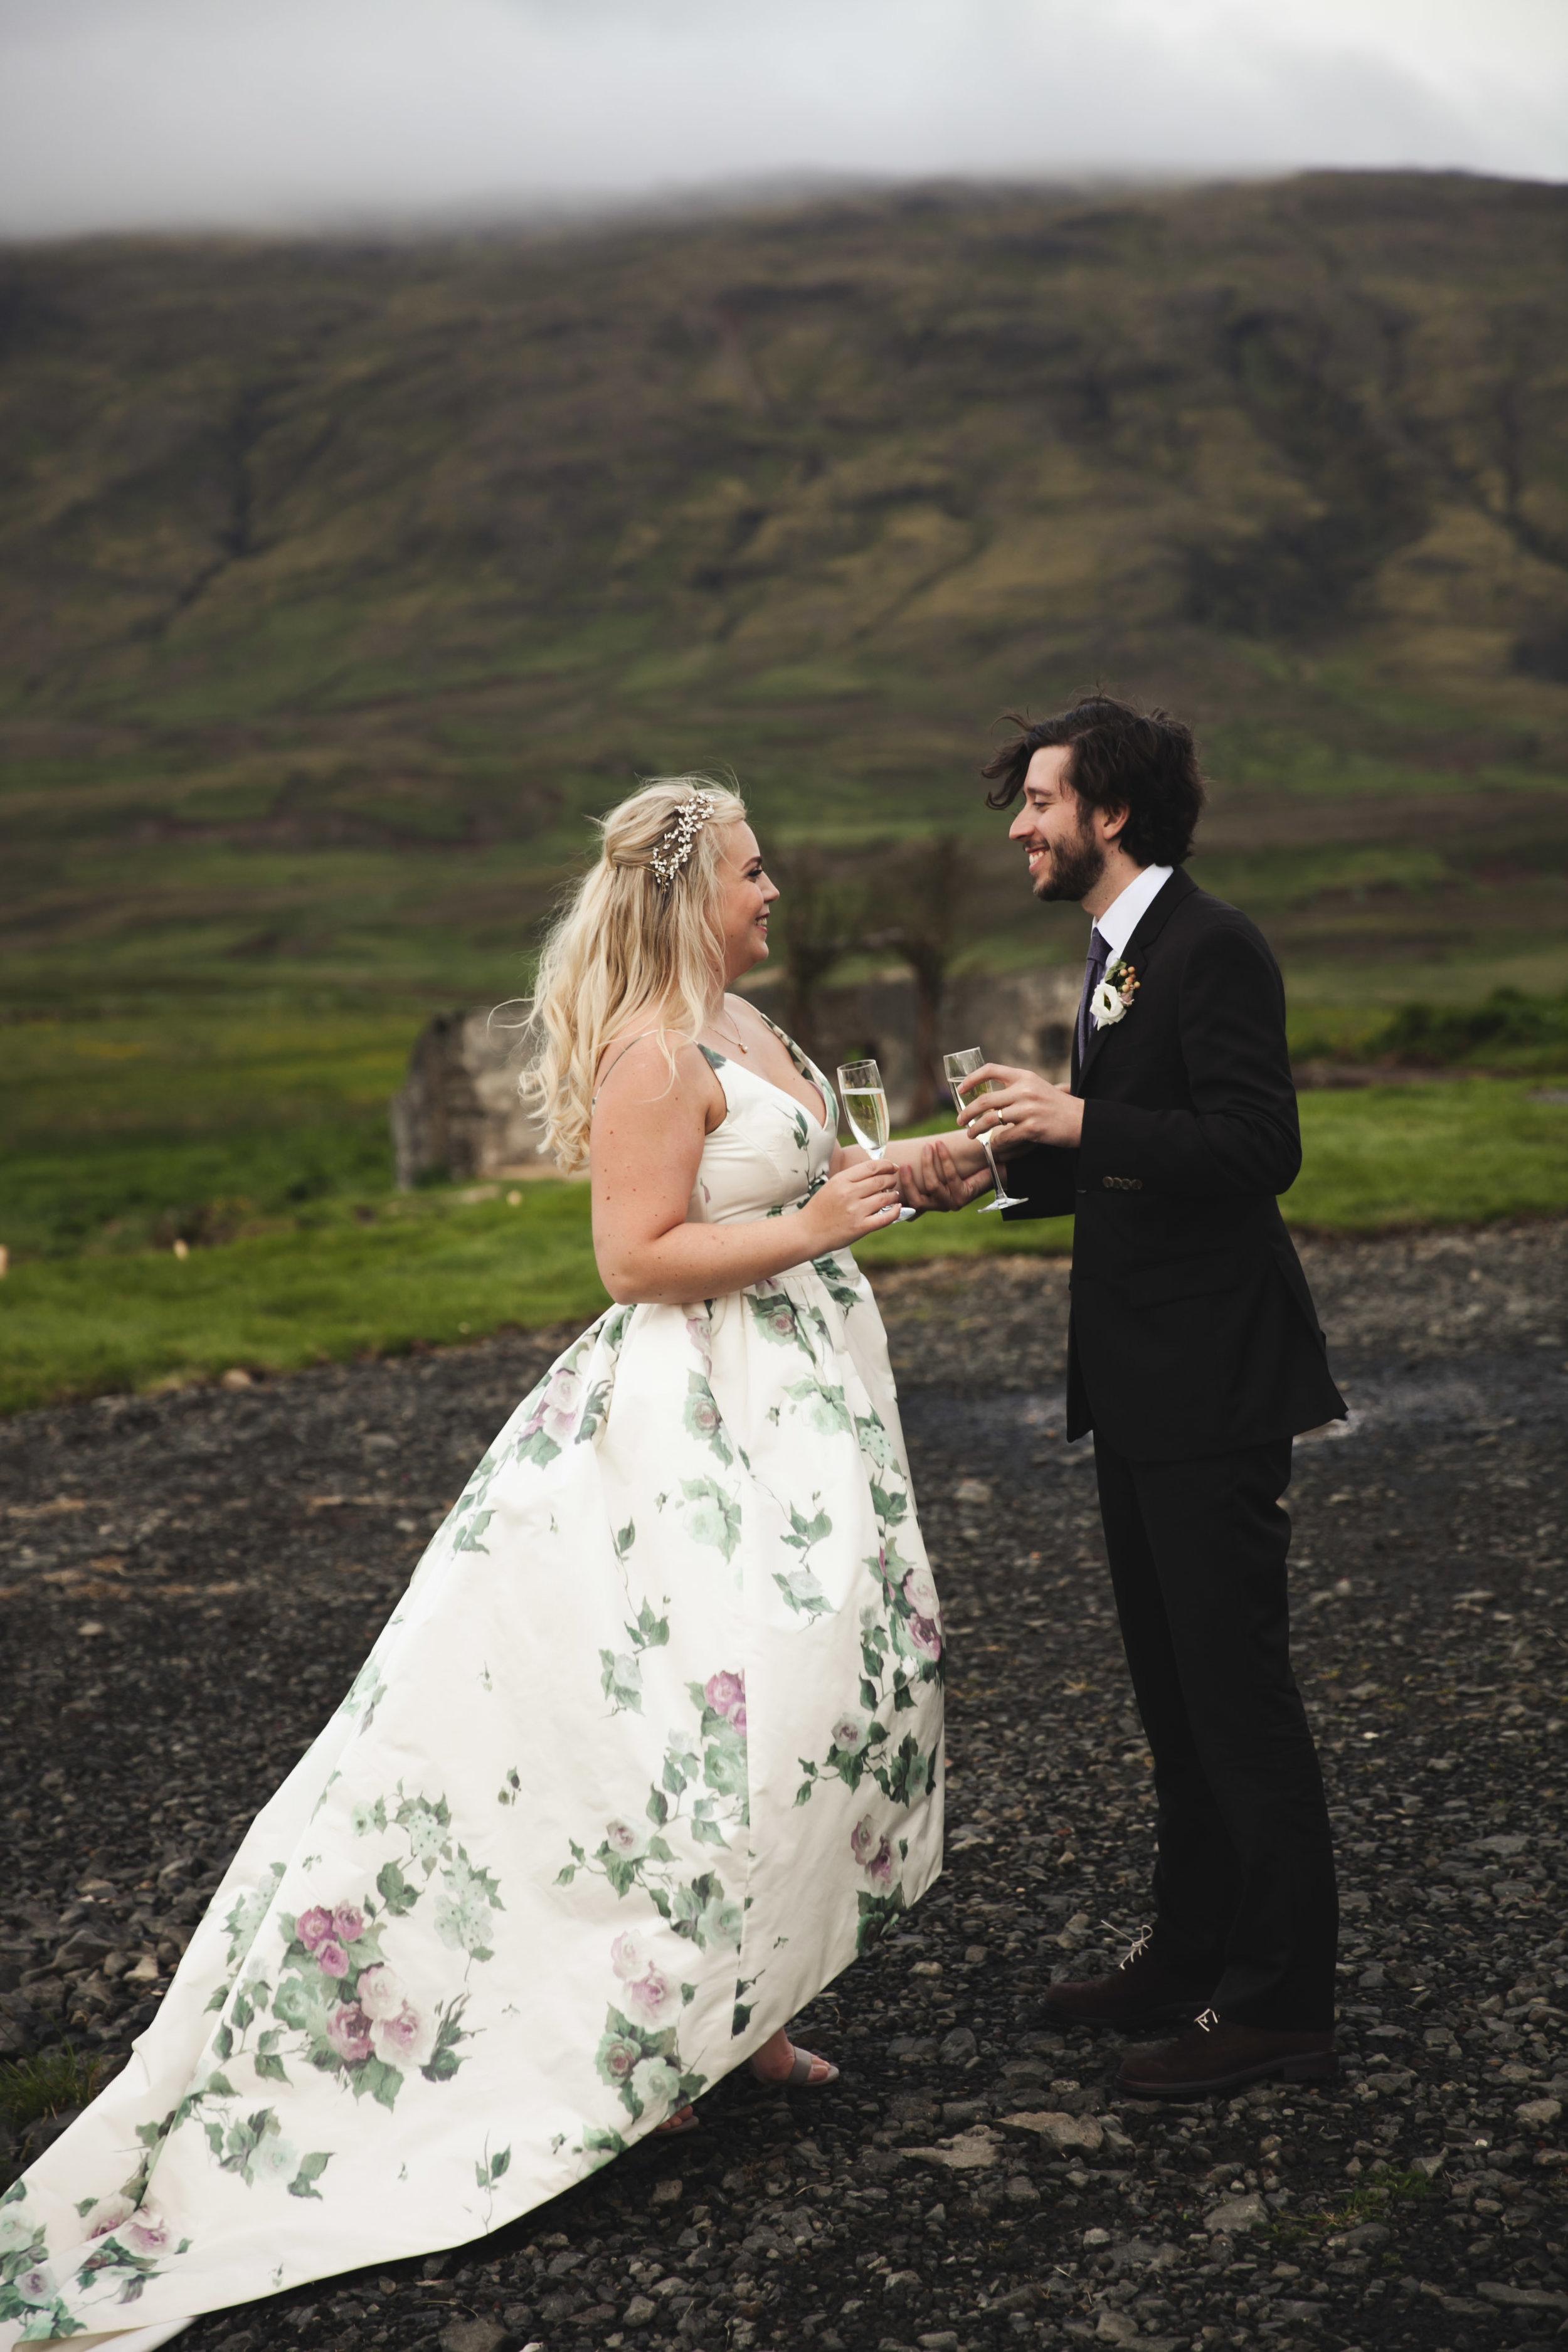 LisaDiederichPhotography_IcelandWedding_Kelsey&Zack-55.jpg